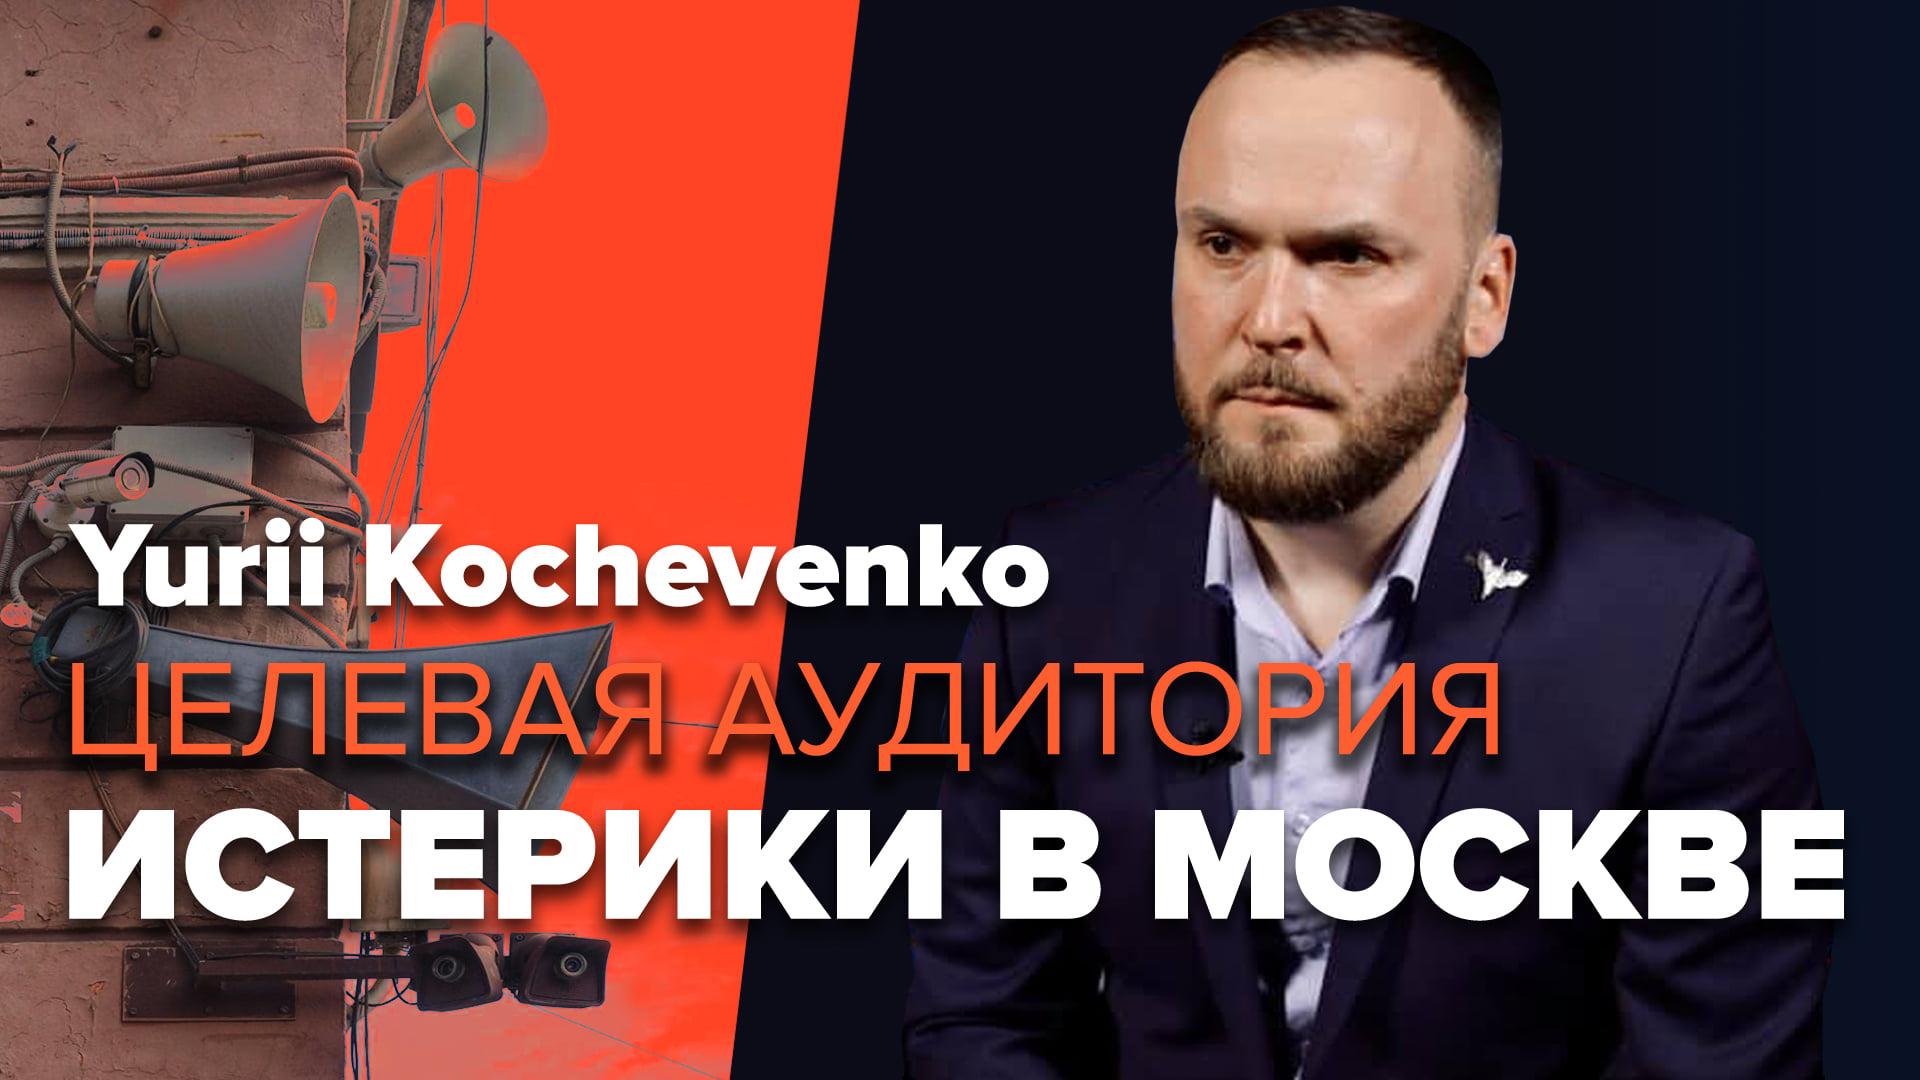 На кого рассчитан шабаш, который устроили на российских каналах пропагандисты? (Видео)